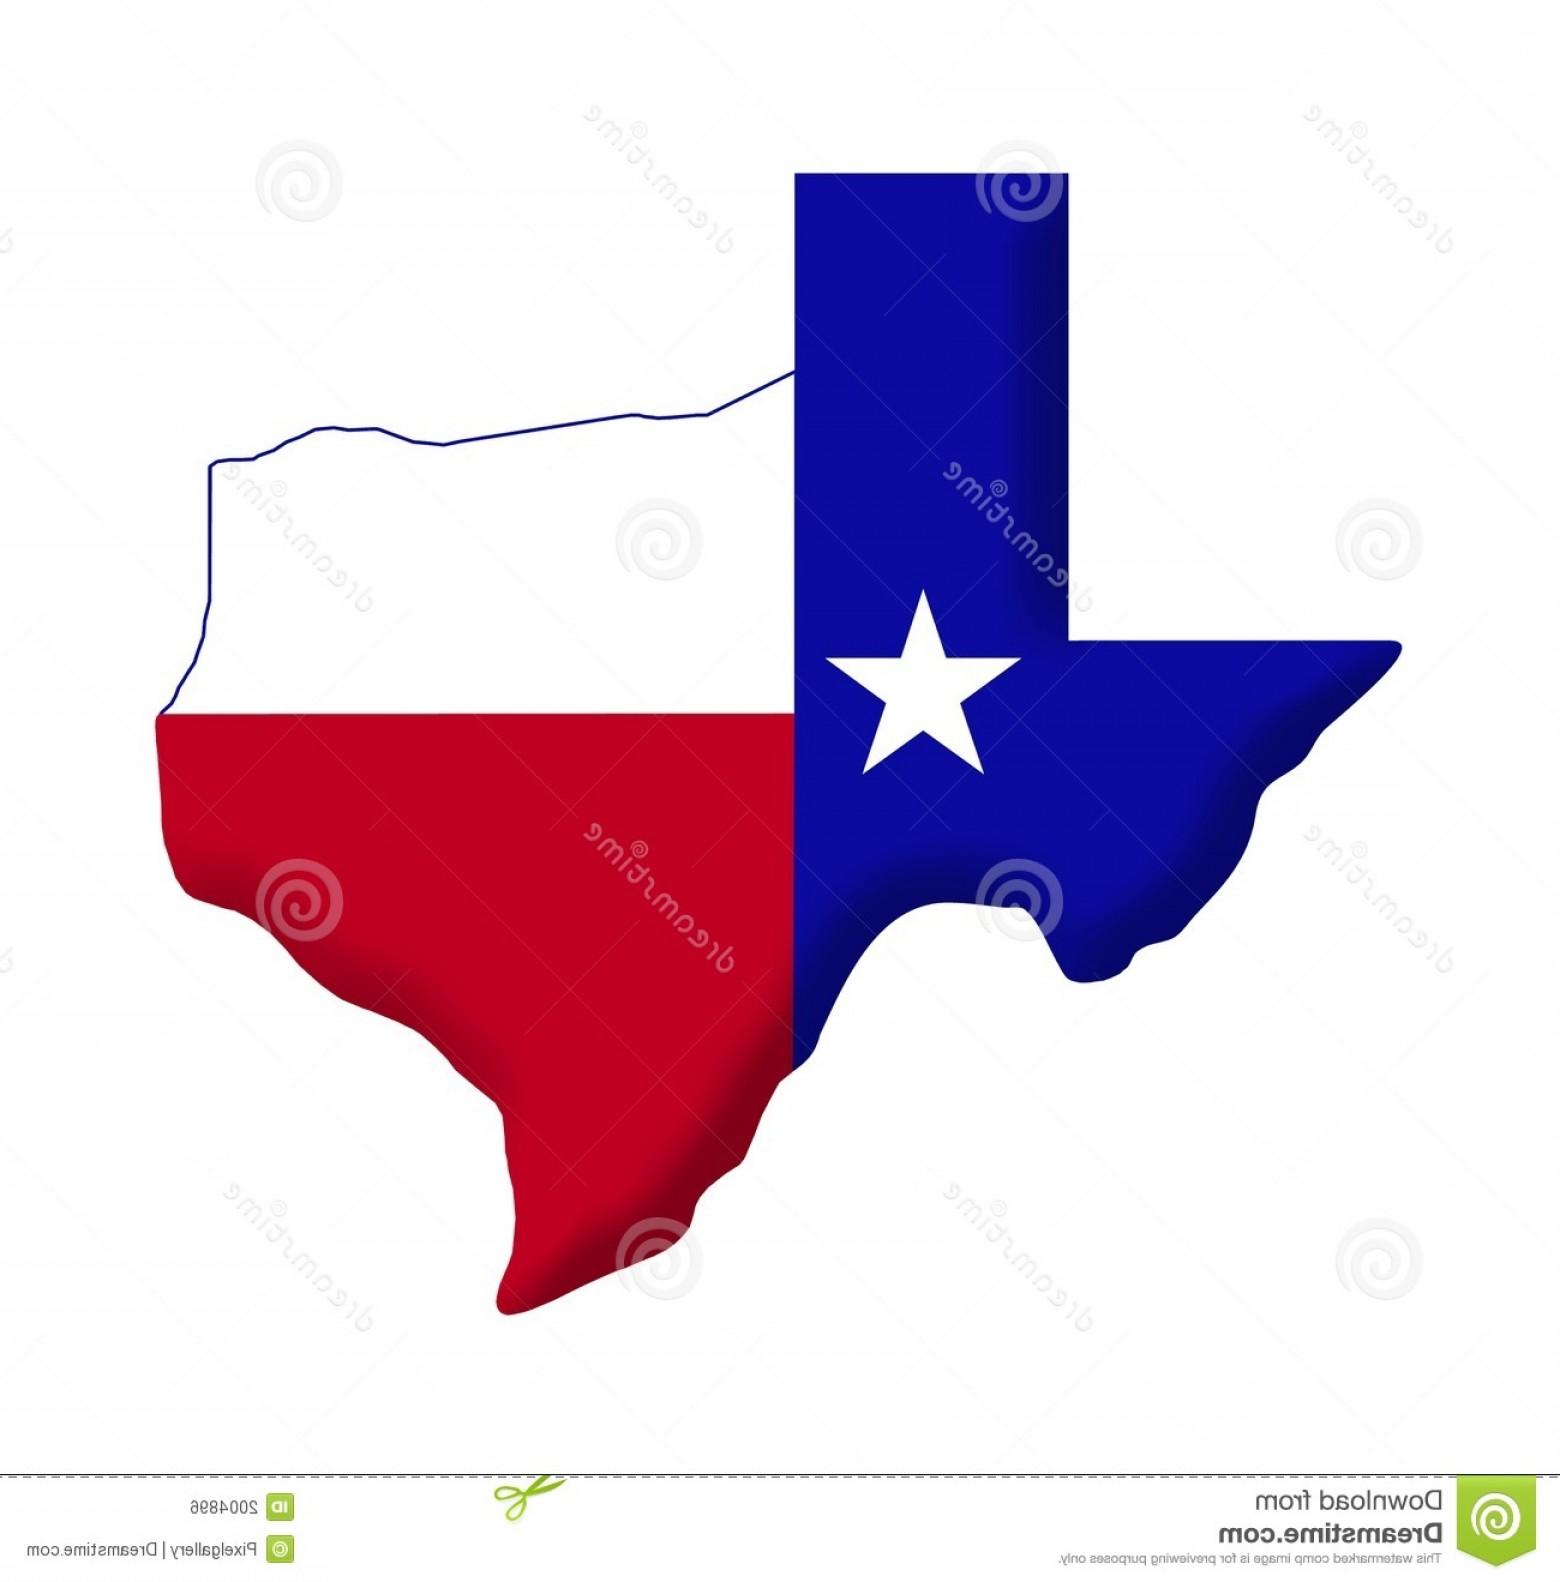 1560x1582 Royalty Free Stock Image Texas Flag Image Orangiausa